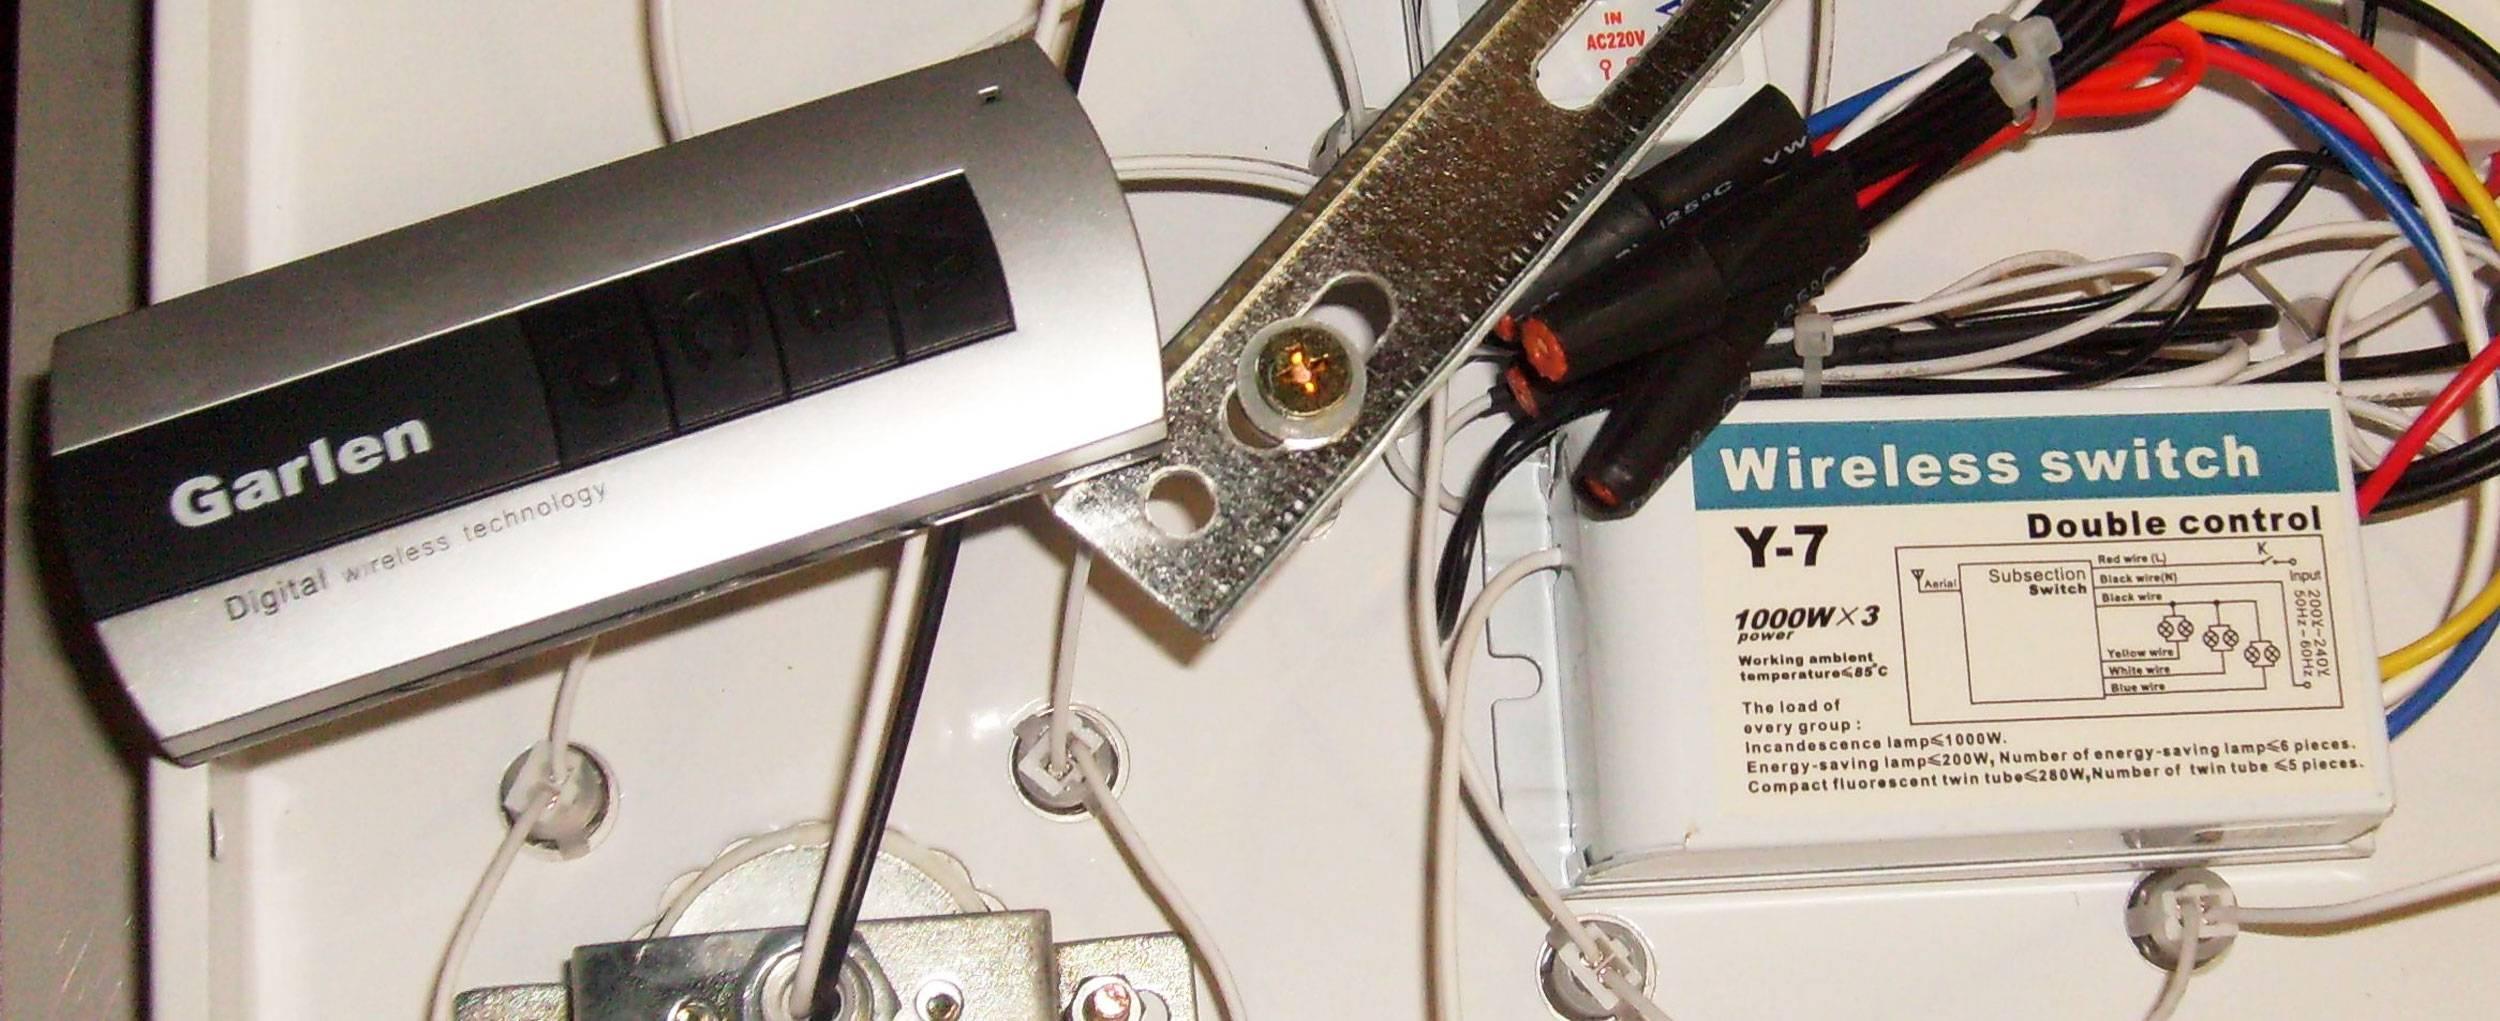 Как правильно выбрать и провести установку светодиодных потолочных люстр для дома